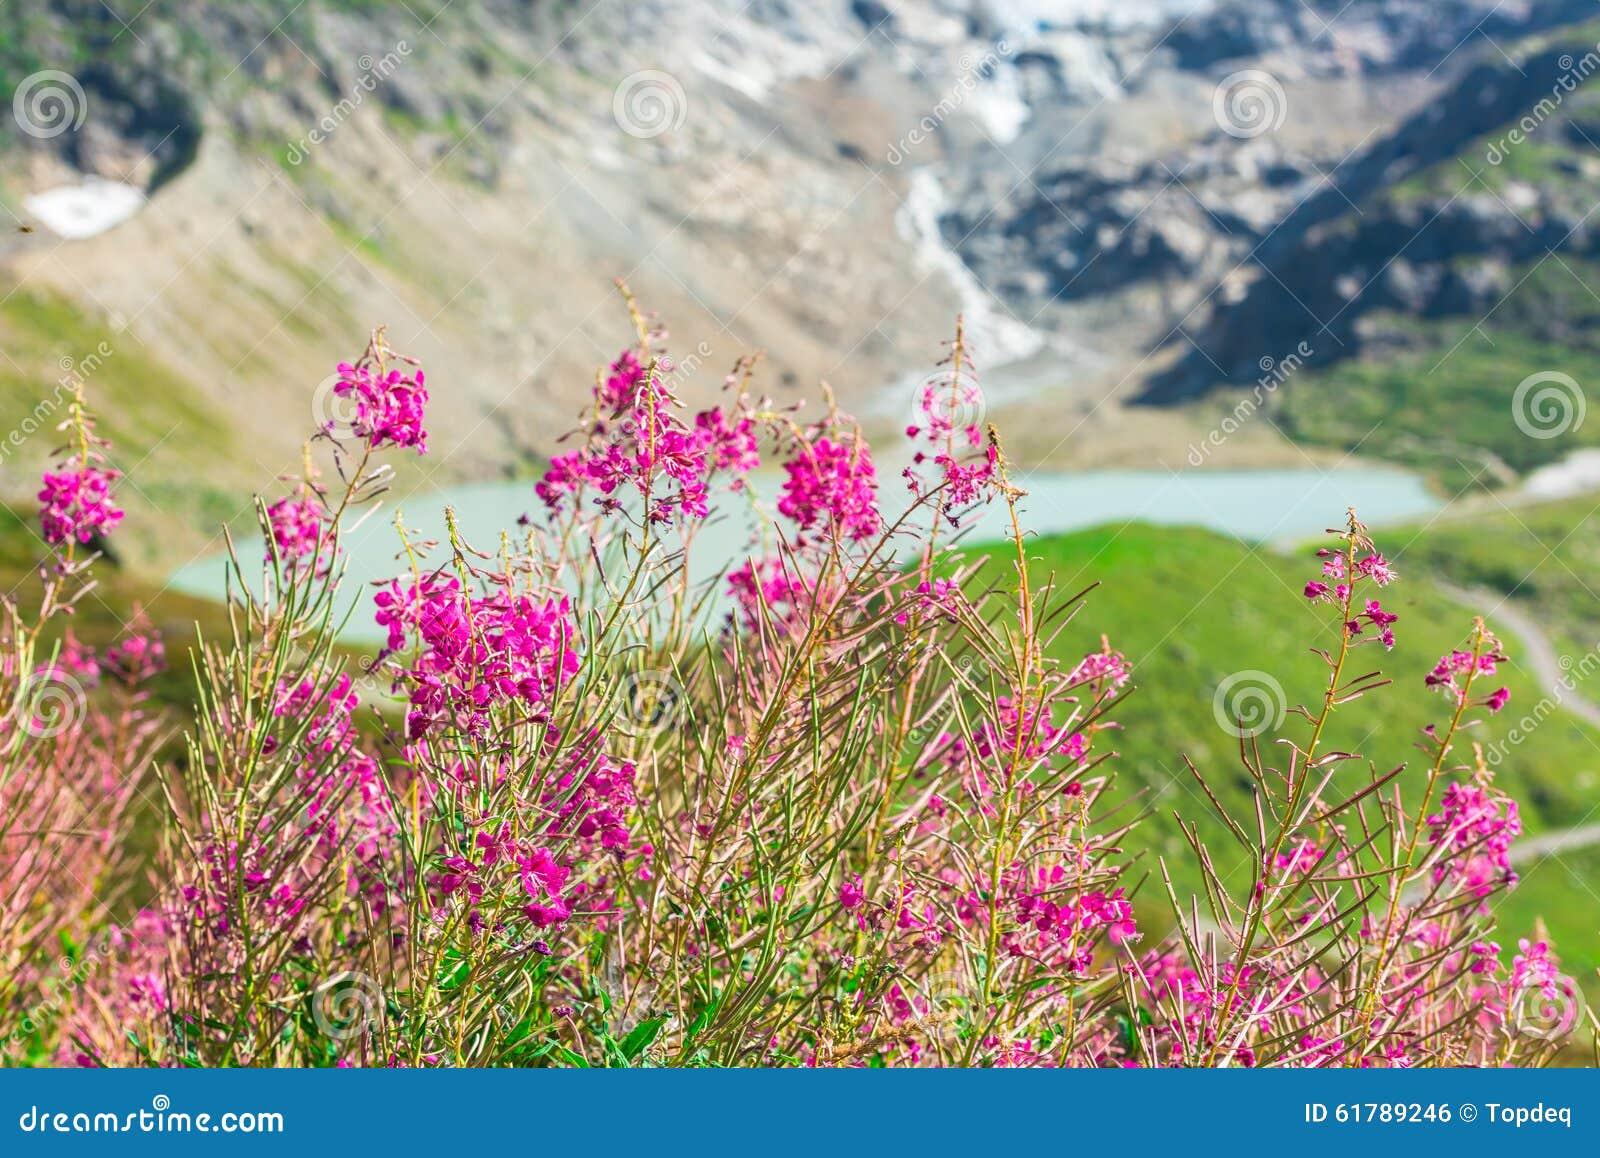 alpes suisses avec des fleurs de rose sauvage photo stock. Black Bedroom Furniture Sets. Home Design Ideas